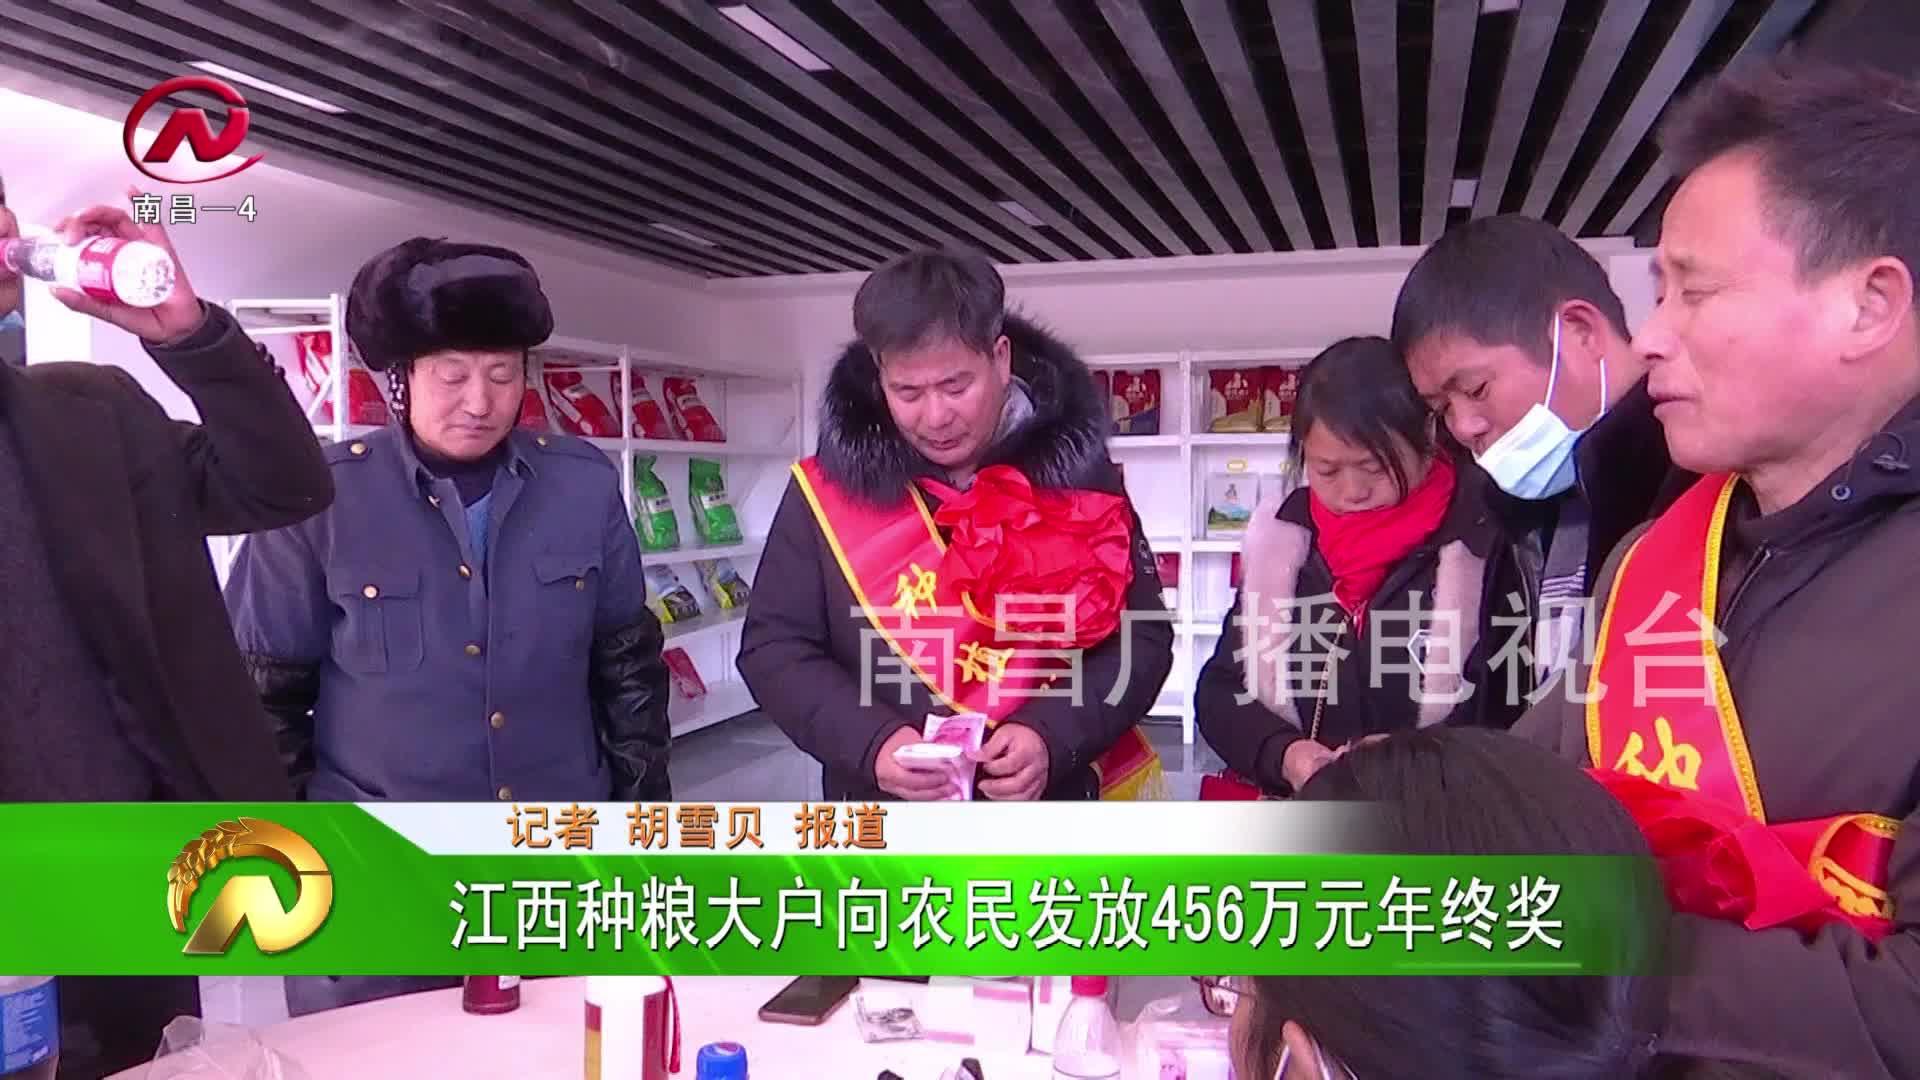 【豫章农视】江西种粮大户向农民发放456万元年终奖